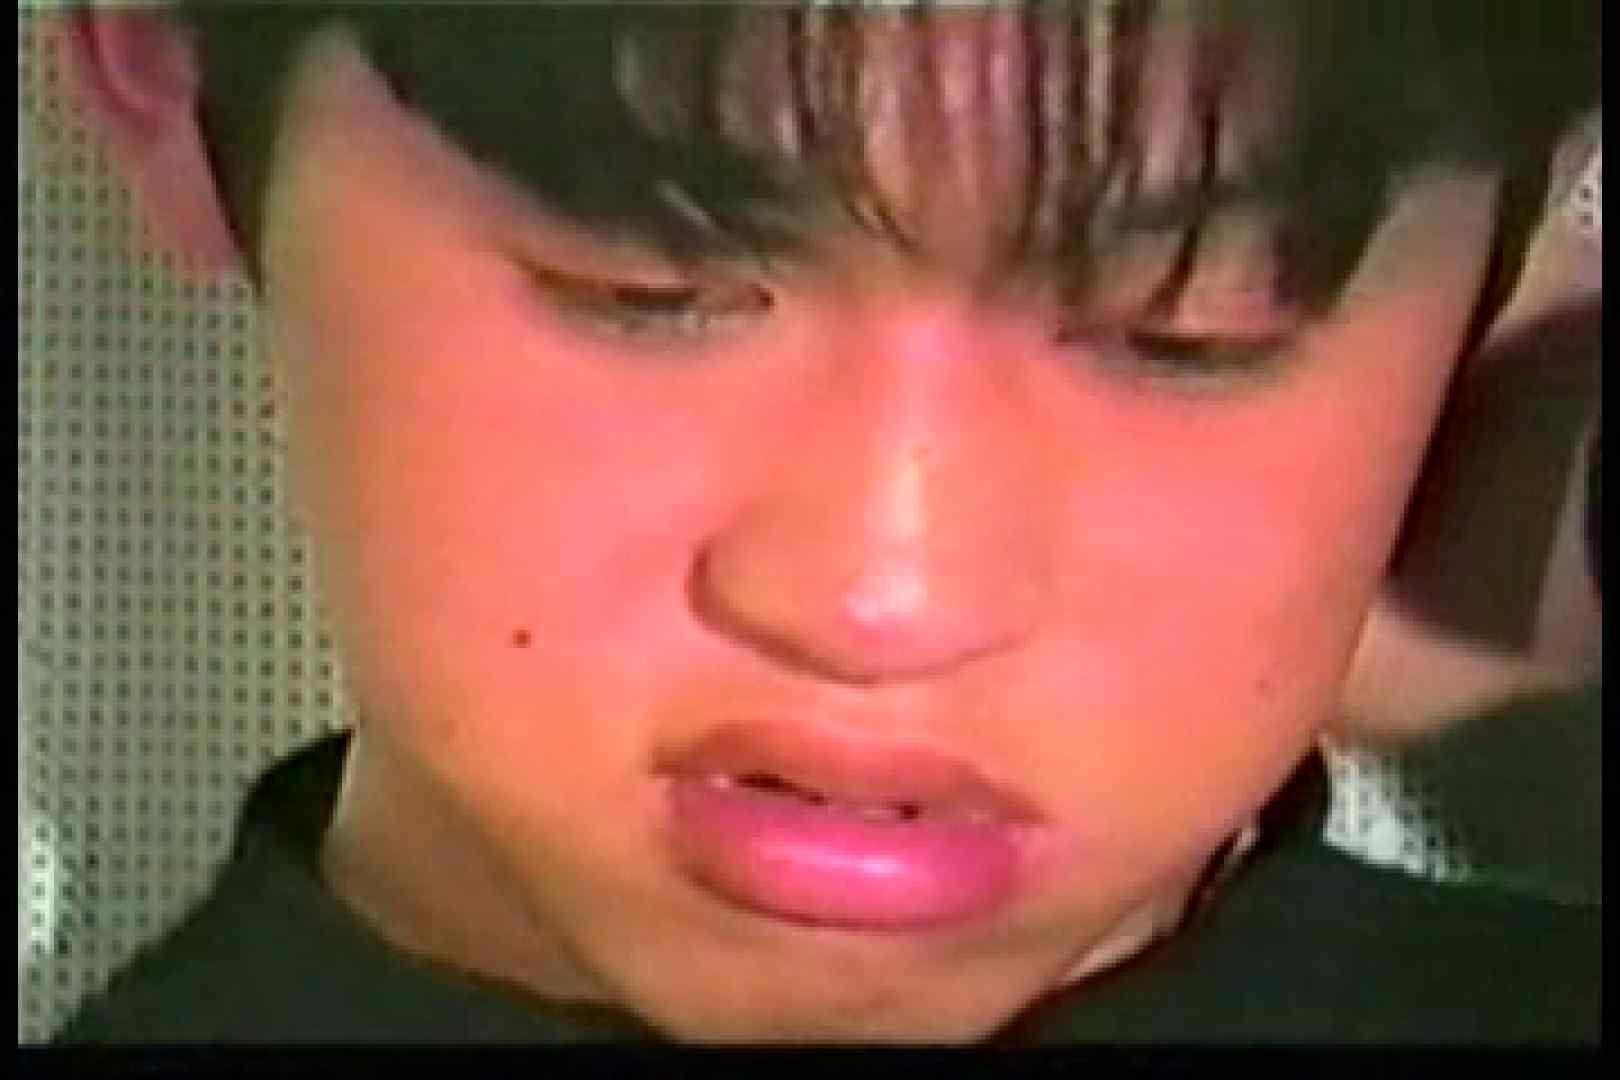 【流出投稿】若きあの頃の思ひでSEX! キスするメンズ ゲイSEX画像 94画像 27